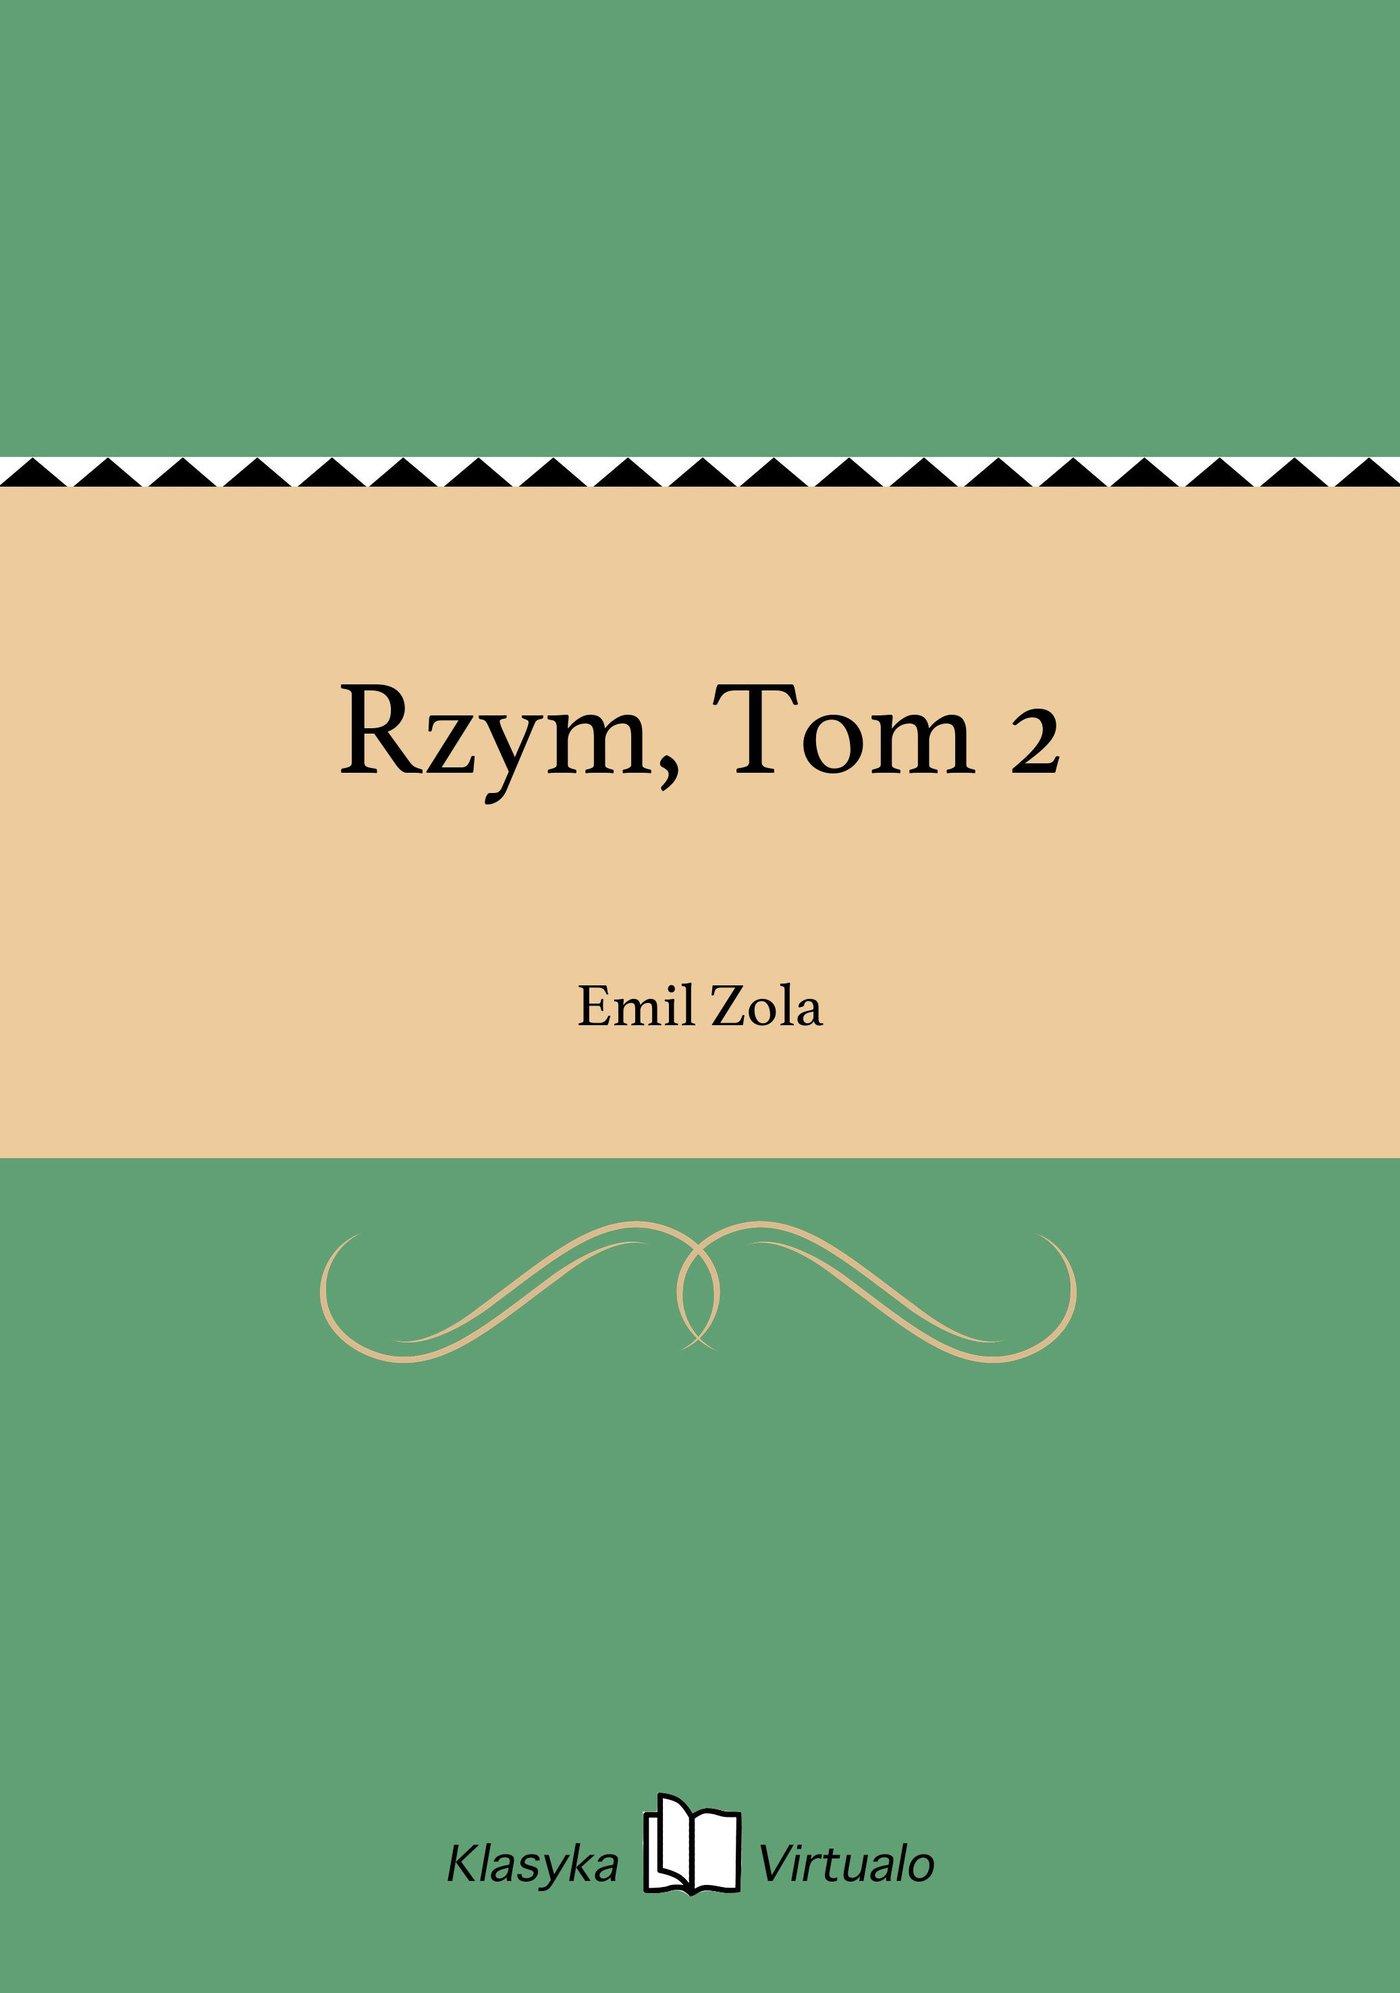 Rzym, Tom 2 - Ebook (Książka na Kindle) do pobrania w formacie MOBI